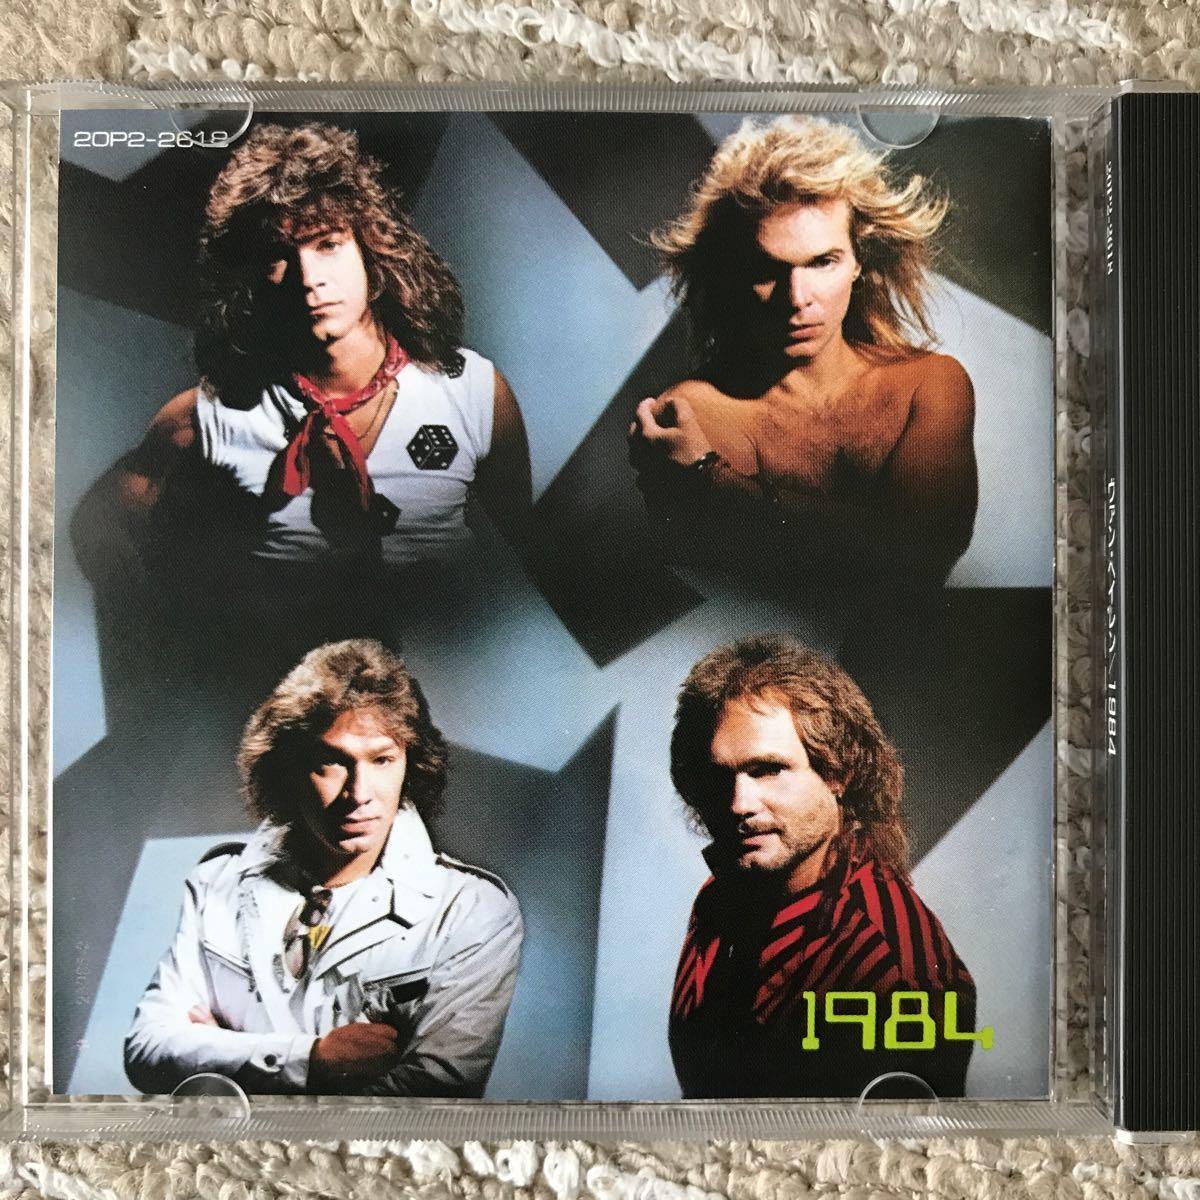 CD VAN HALEN 1984